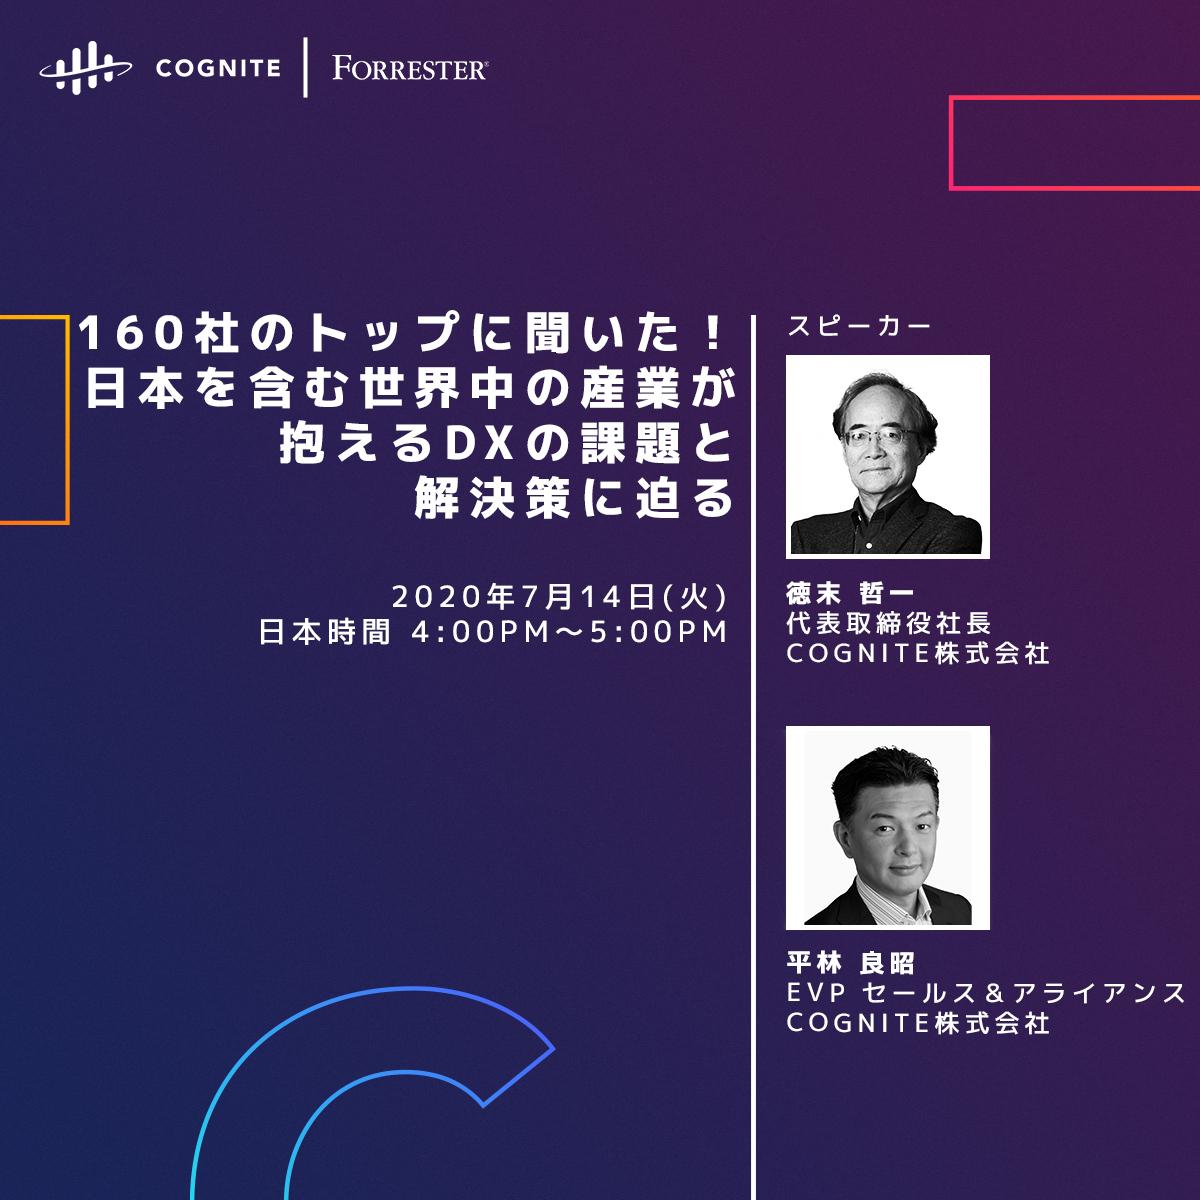 Japan forrester webinar IG